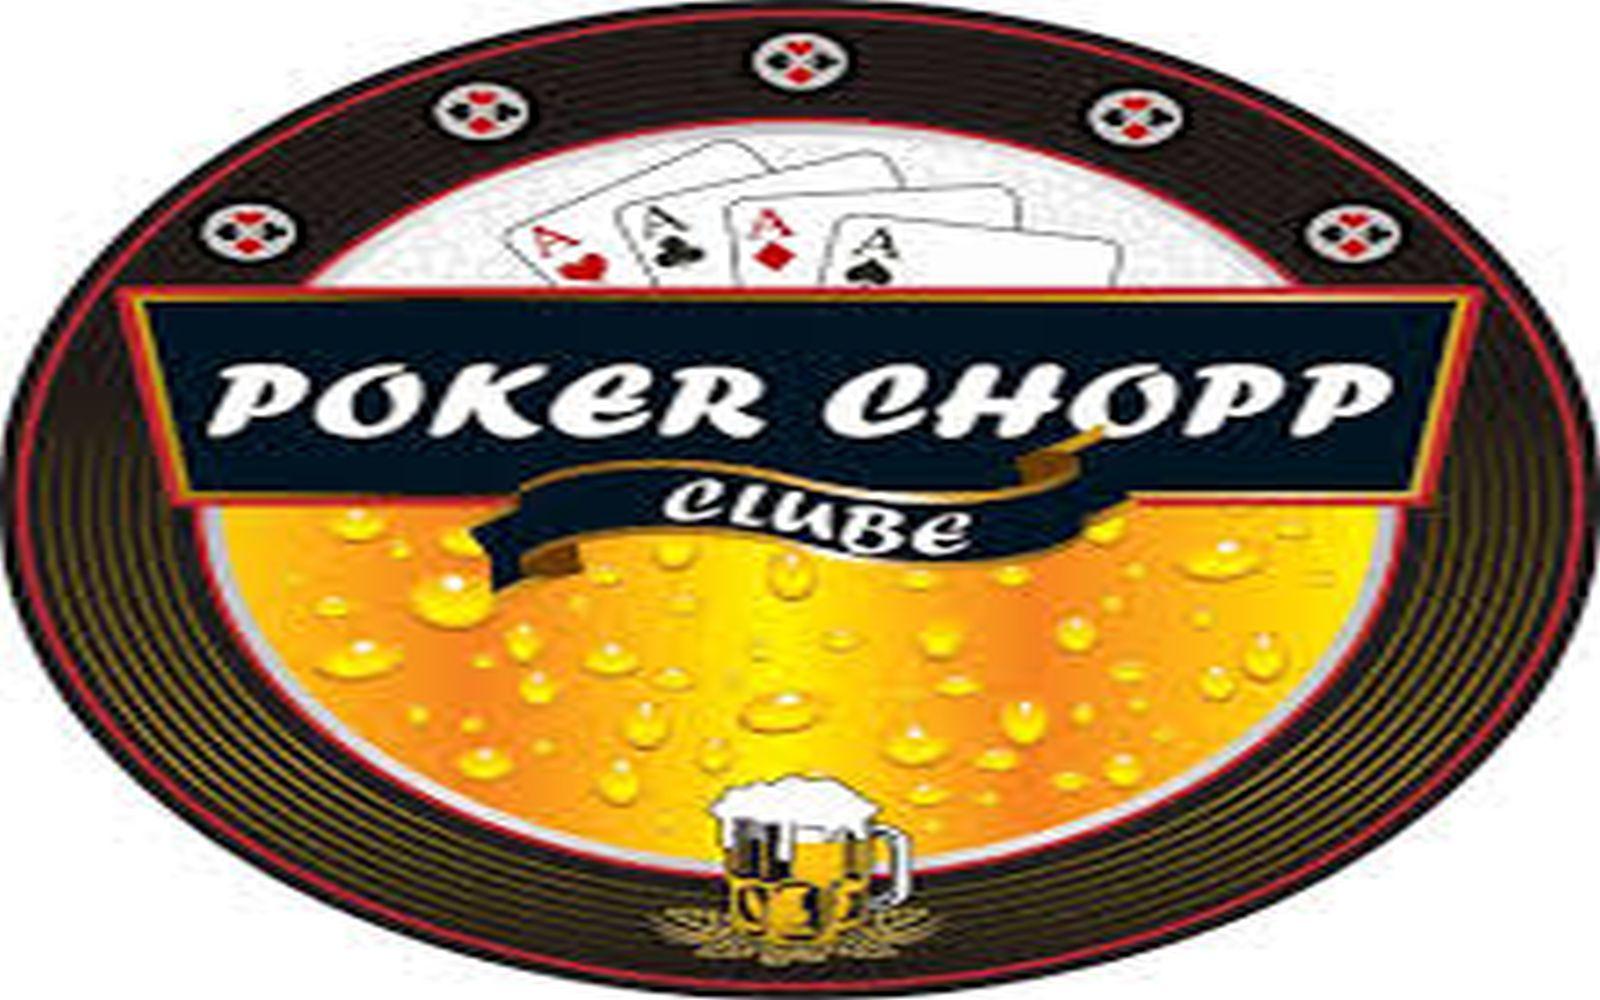 Poker Chopp Clube